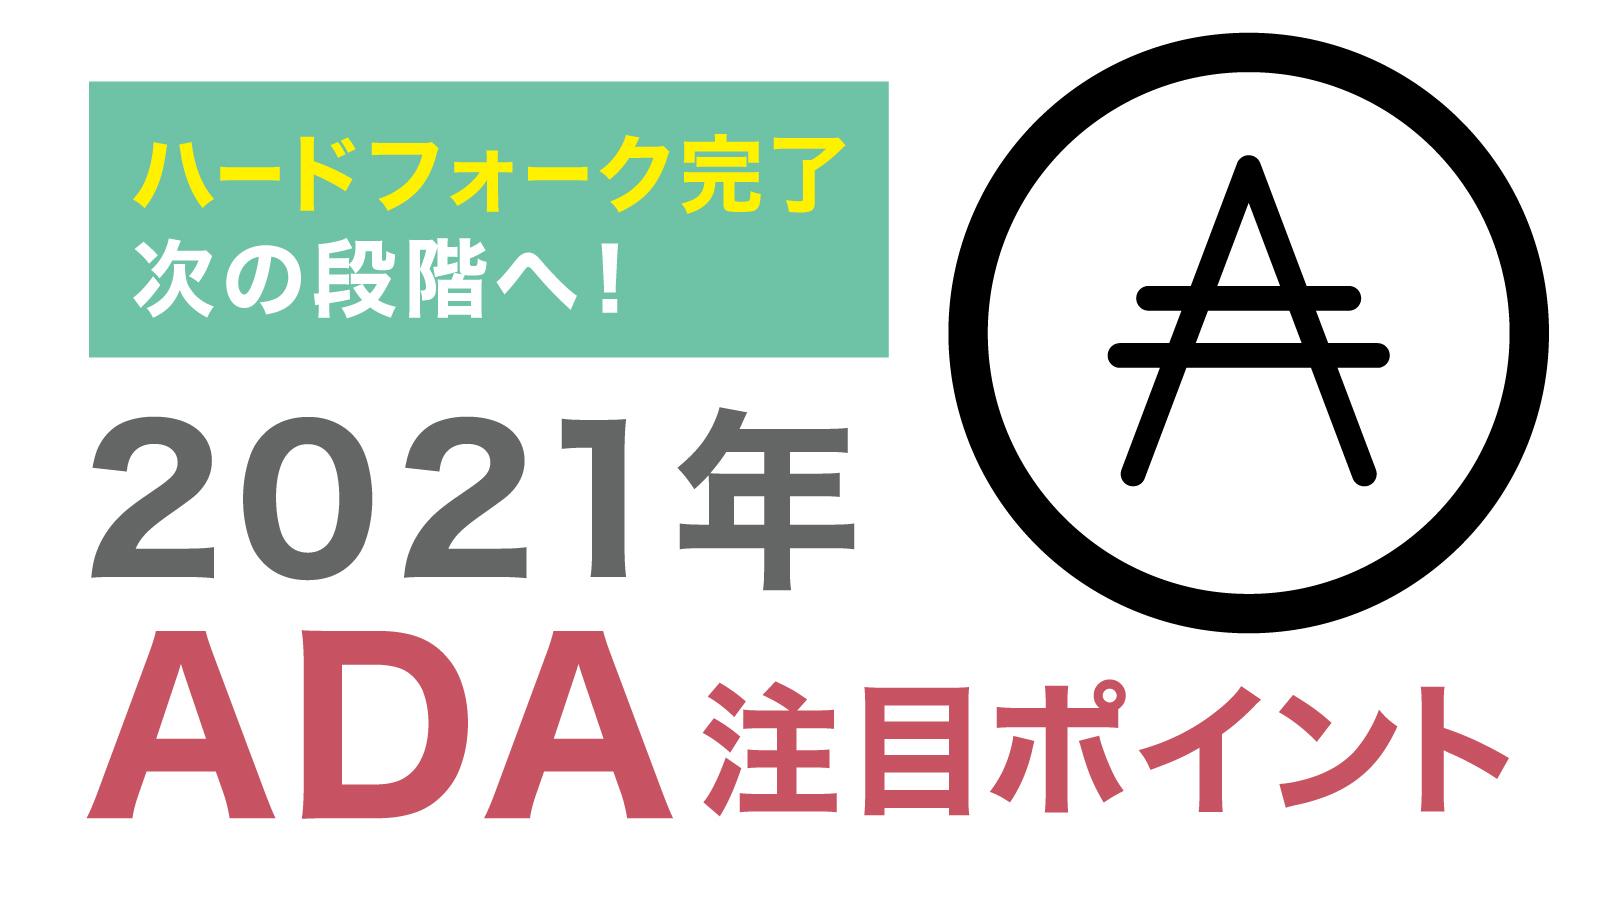 2021年 ADA注目ポイント